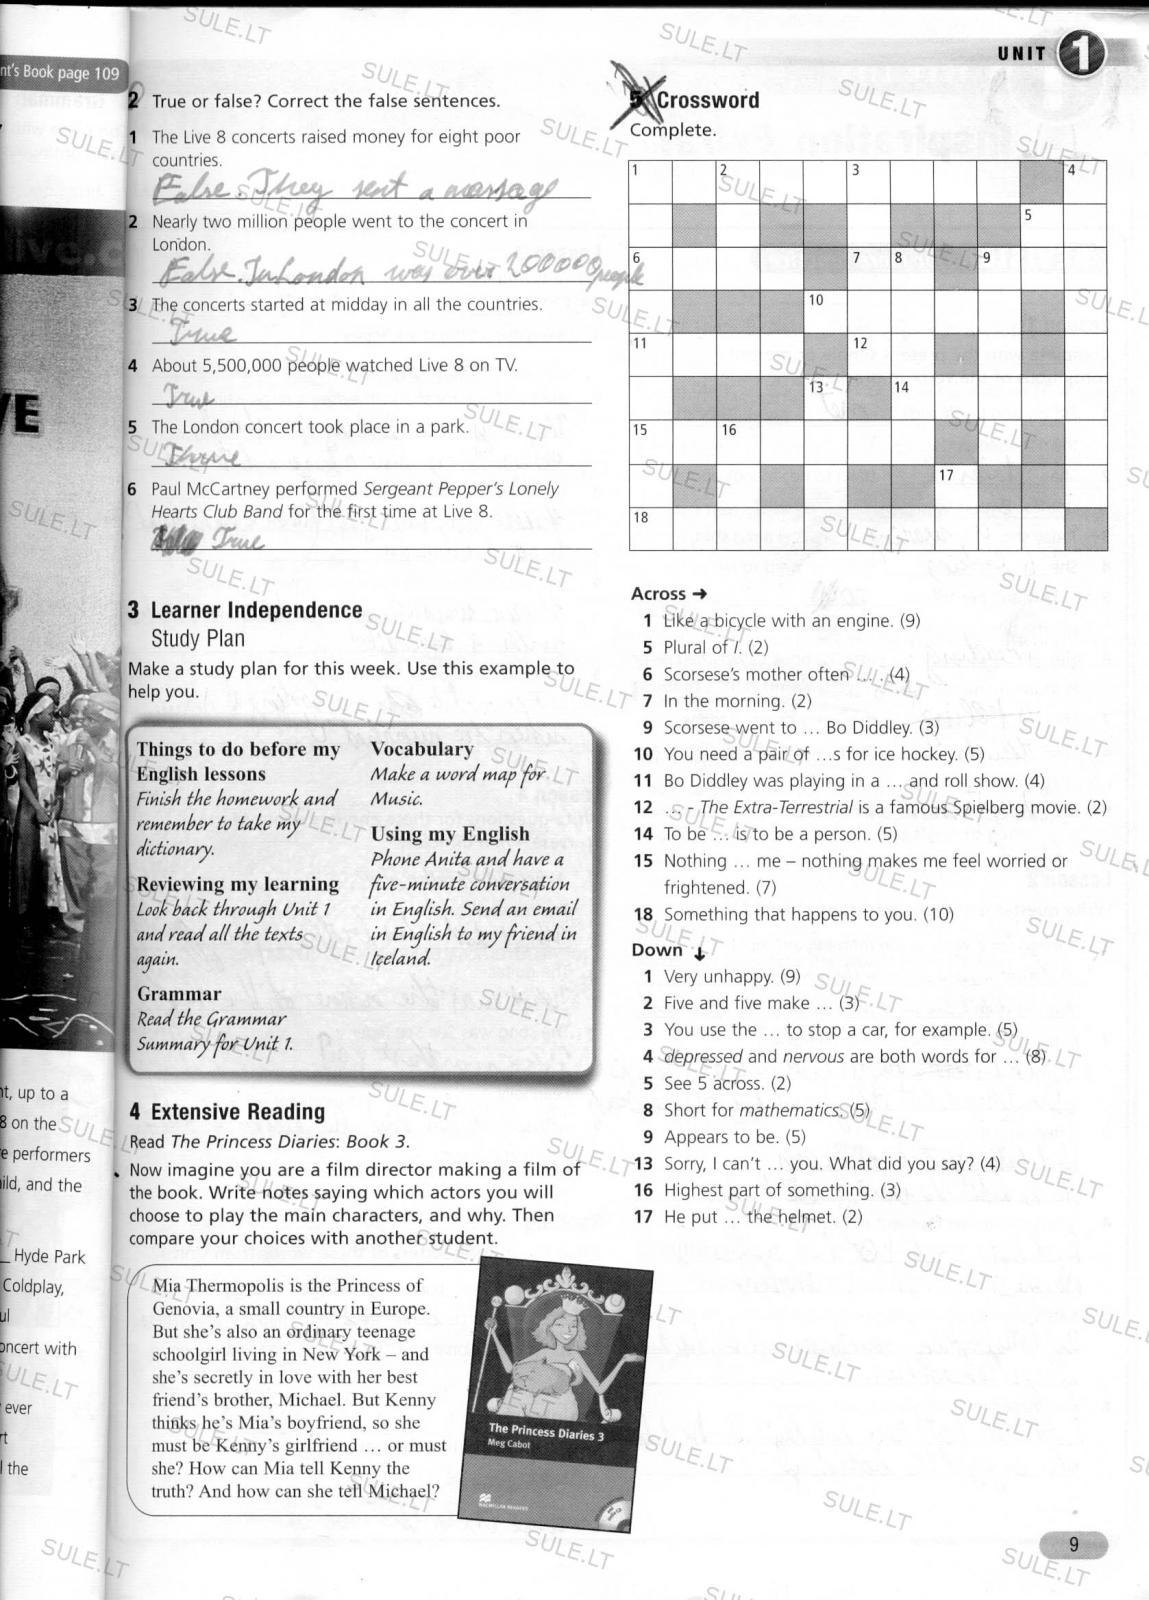 Peržiūrėti puslapį 9